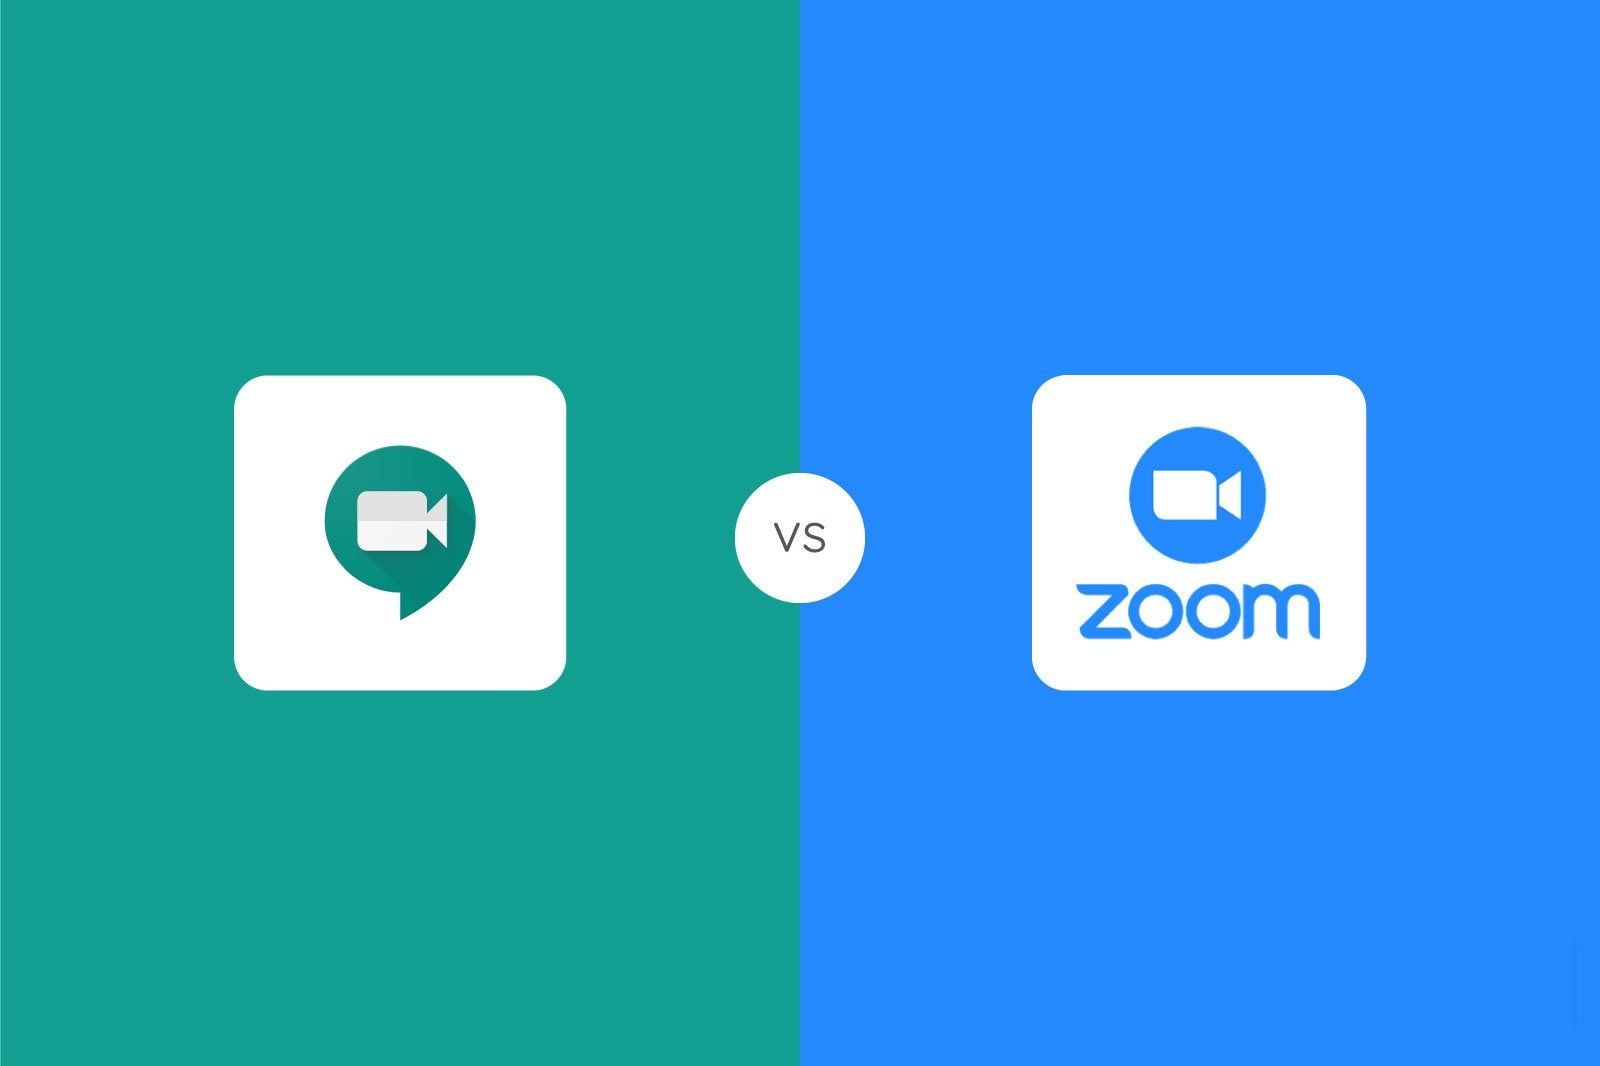 Google Meet vs. Zoom